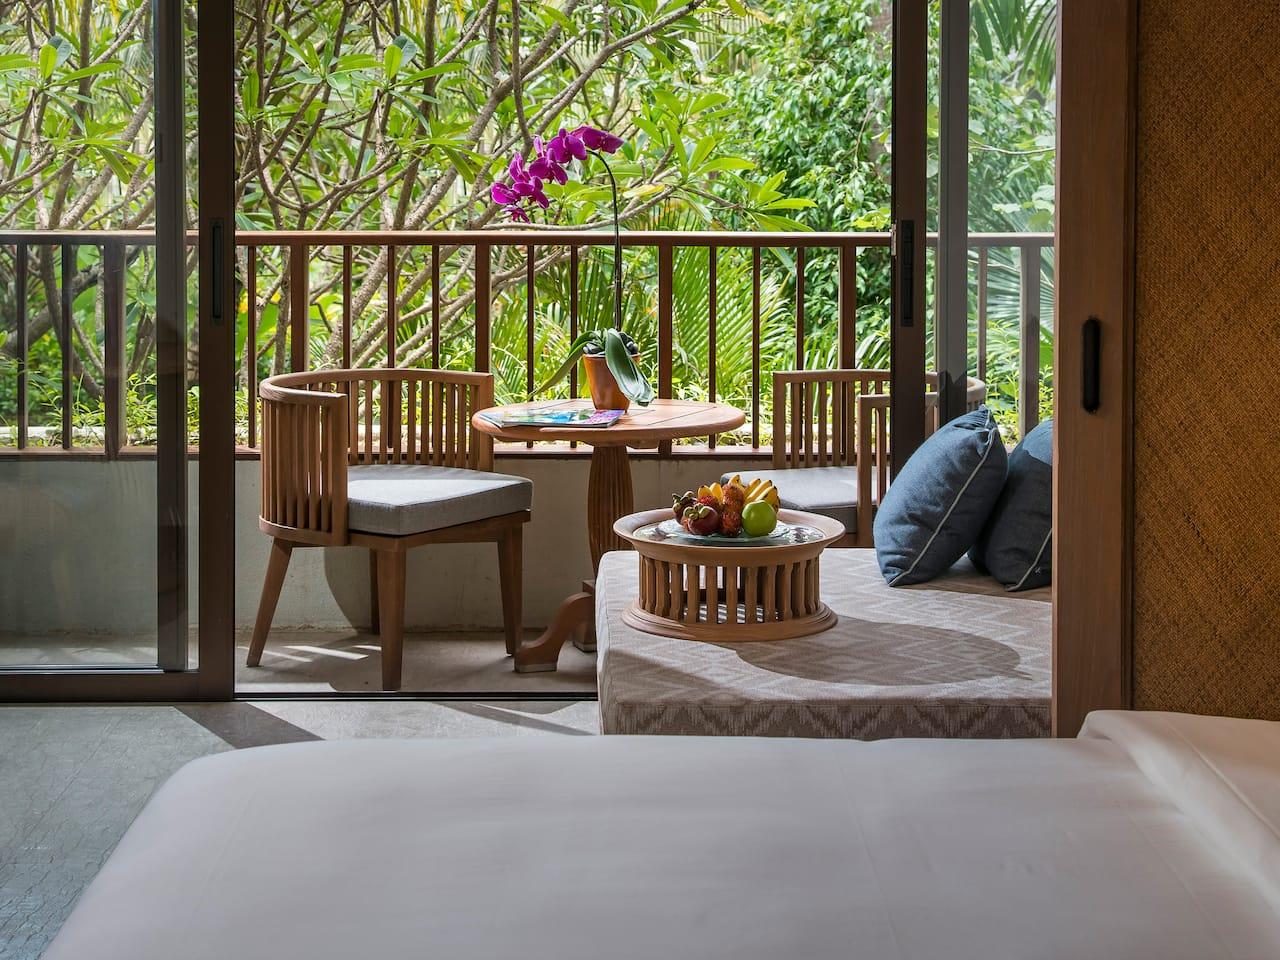 Room at Hyatt Regency Bali